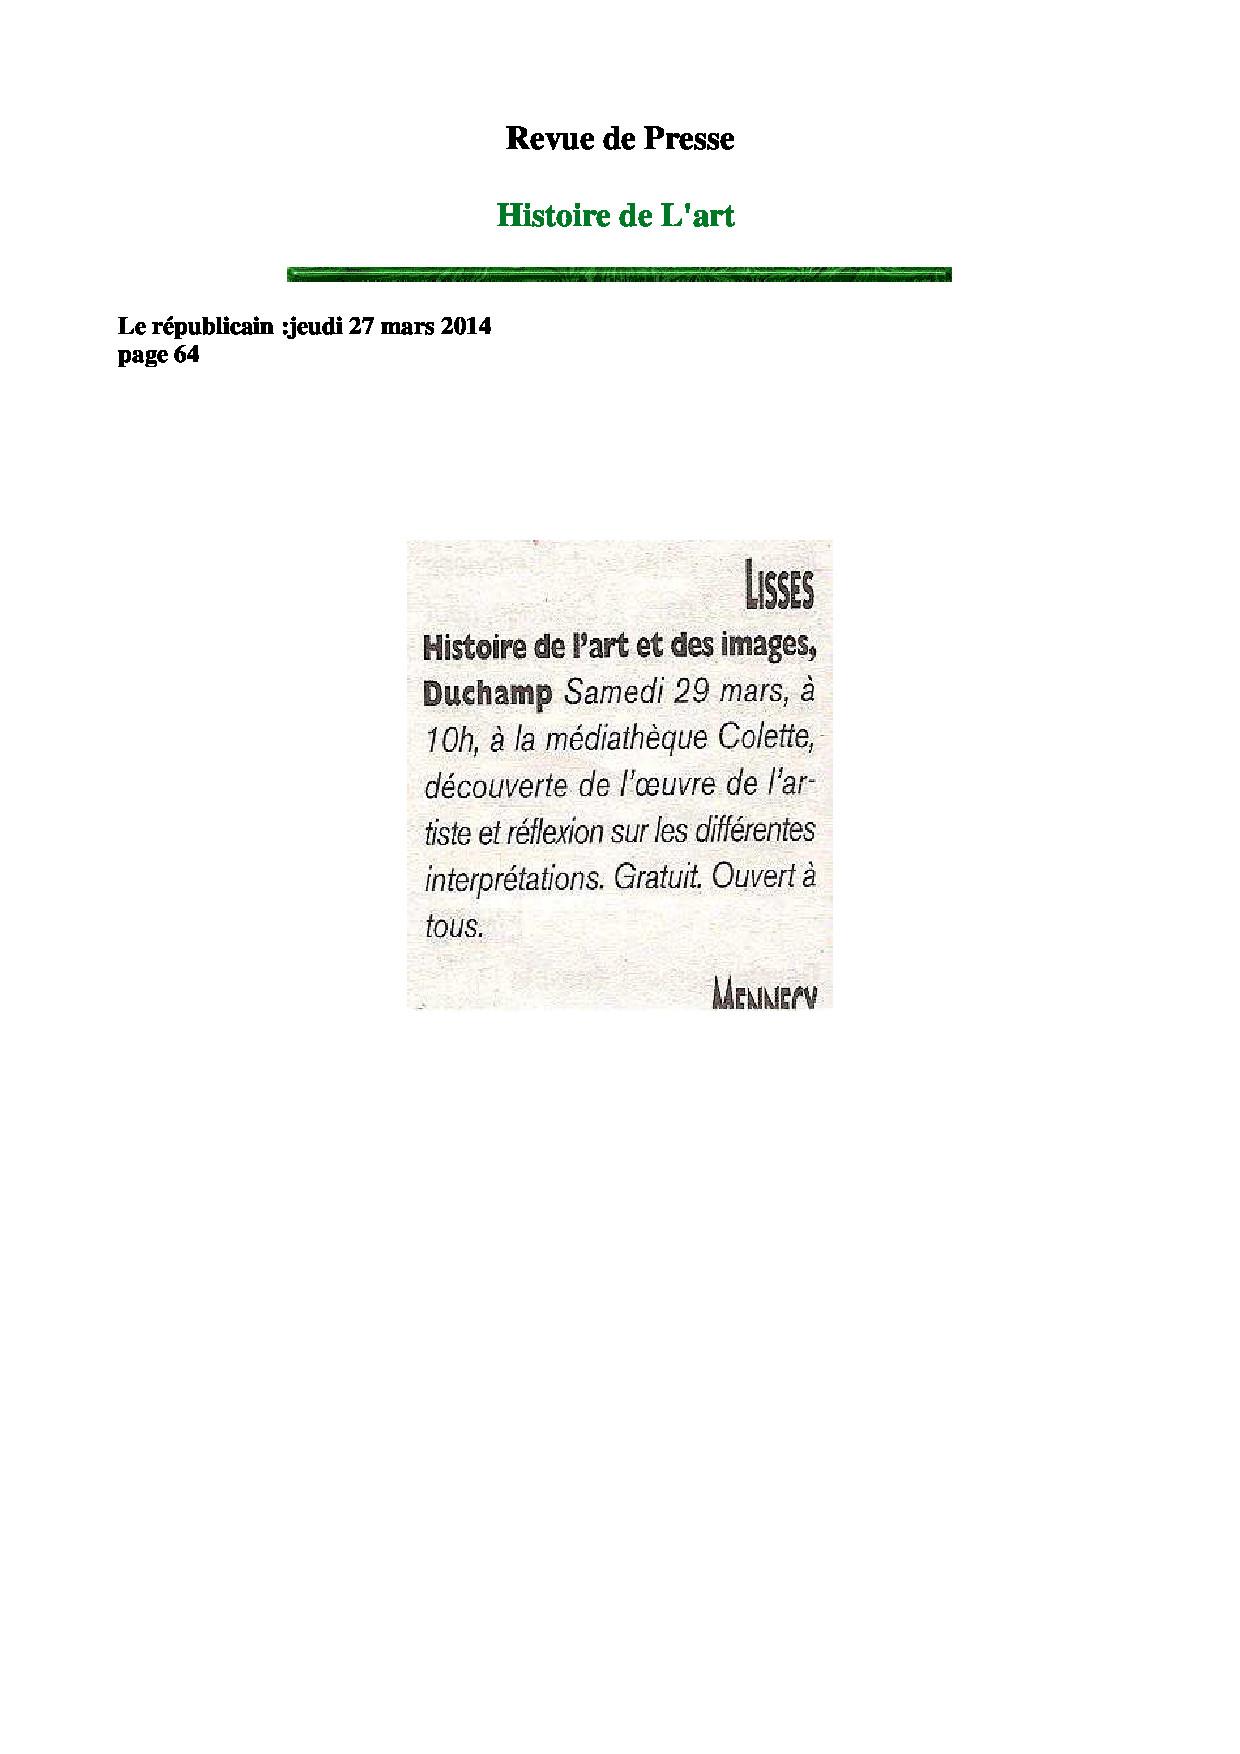 RP Le republicain 27mars 2014 page 63